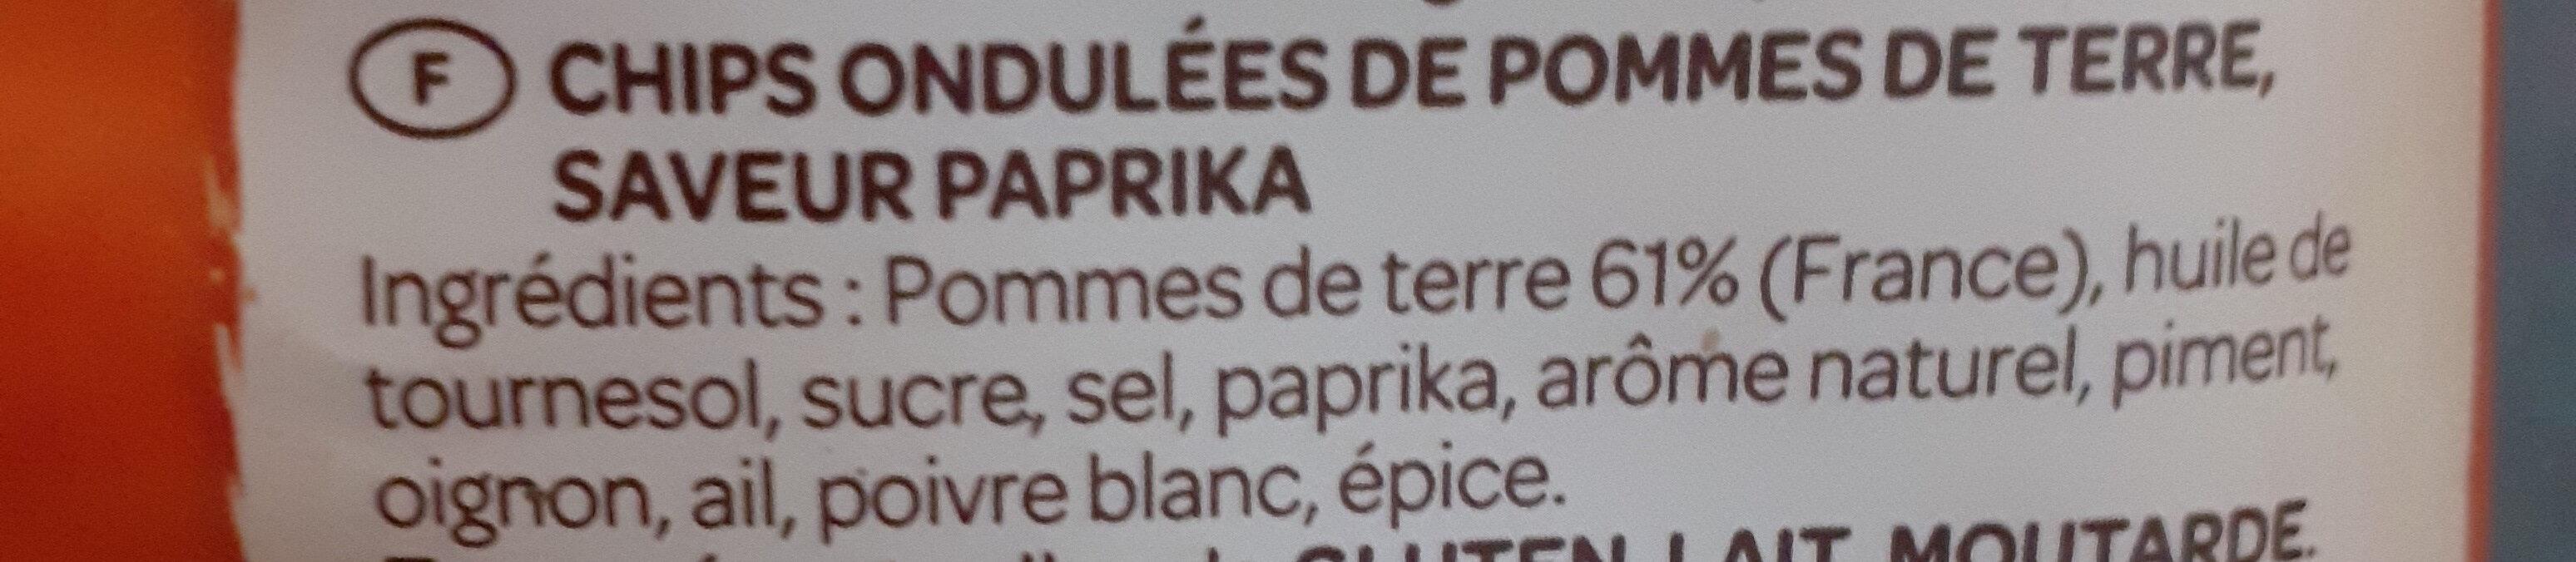 Chips ondulées Vico, saveur Paprika - Ingrédients - fr